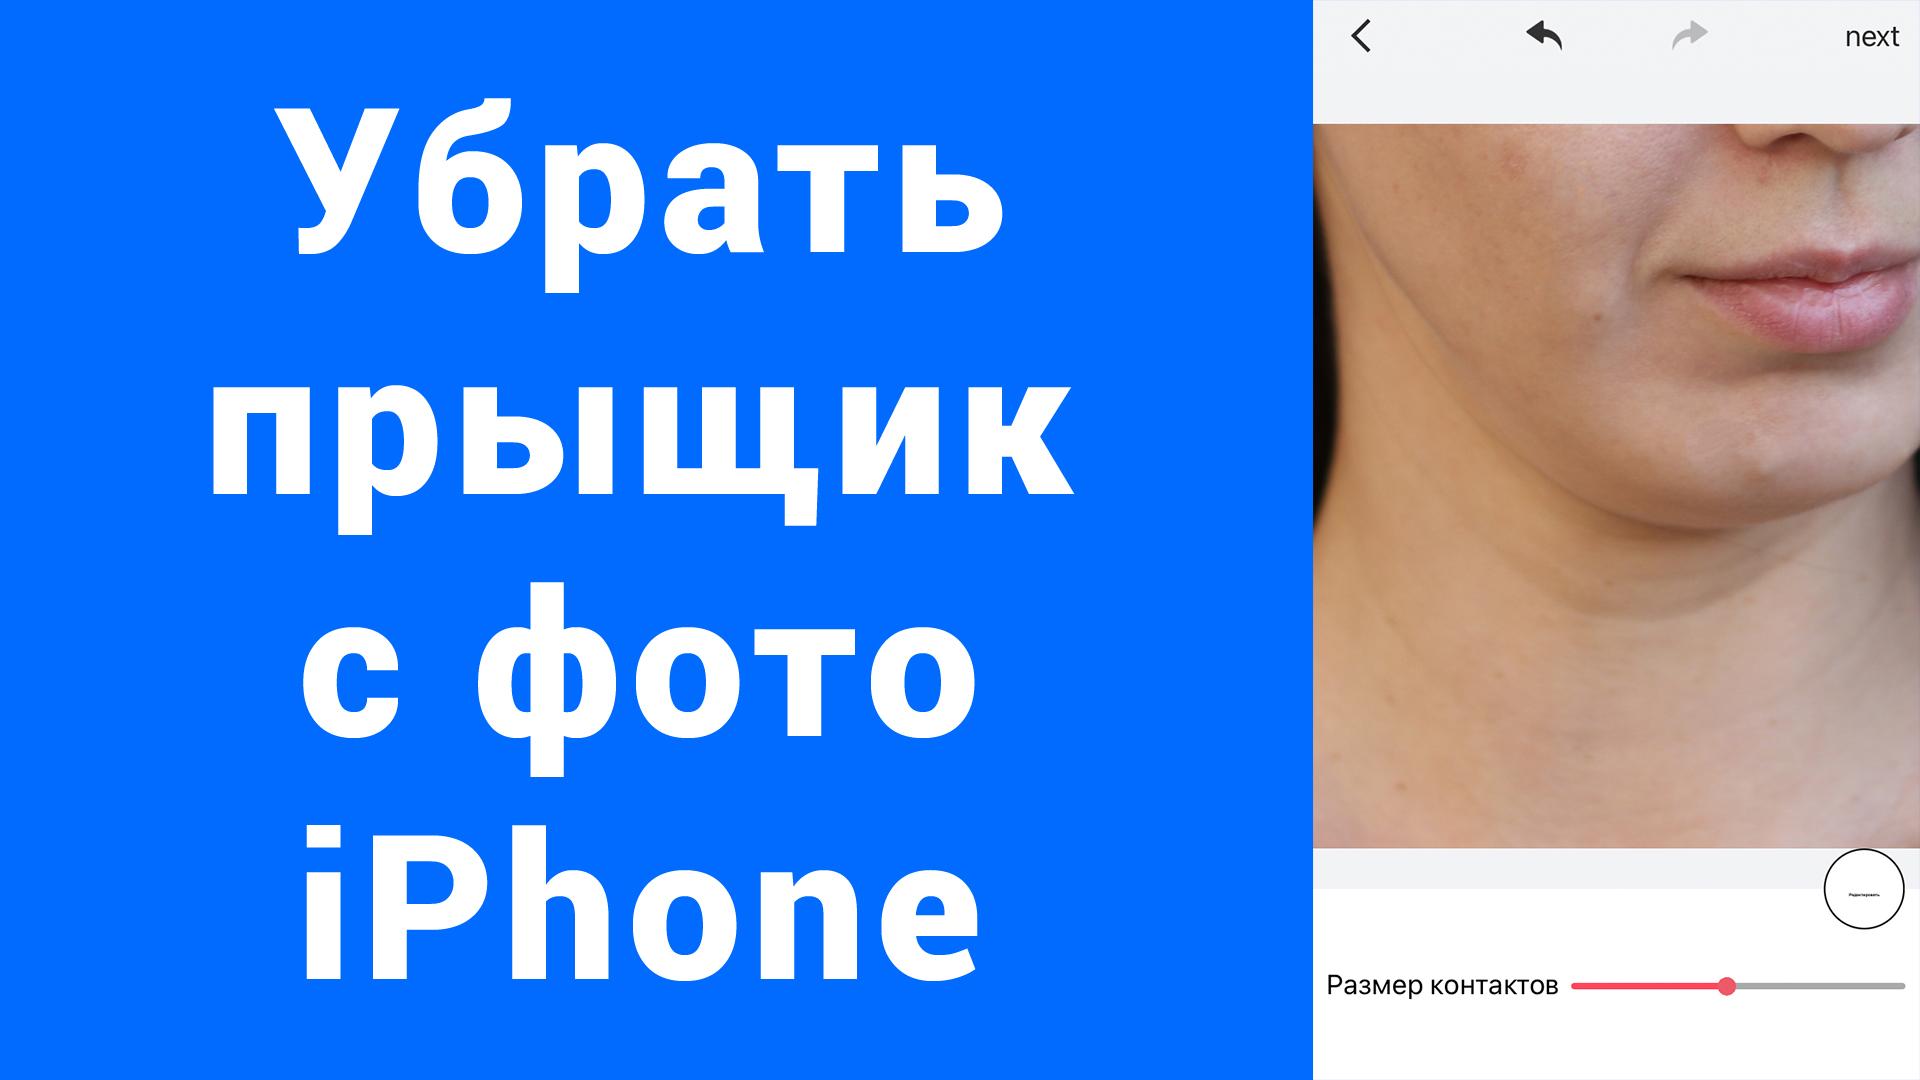 Как убрать прыщи, родинку, логотип, надпись, человека с фото iPhone